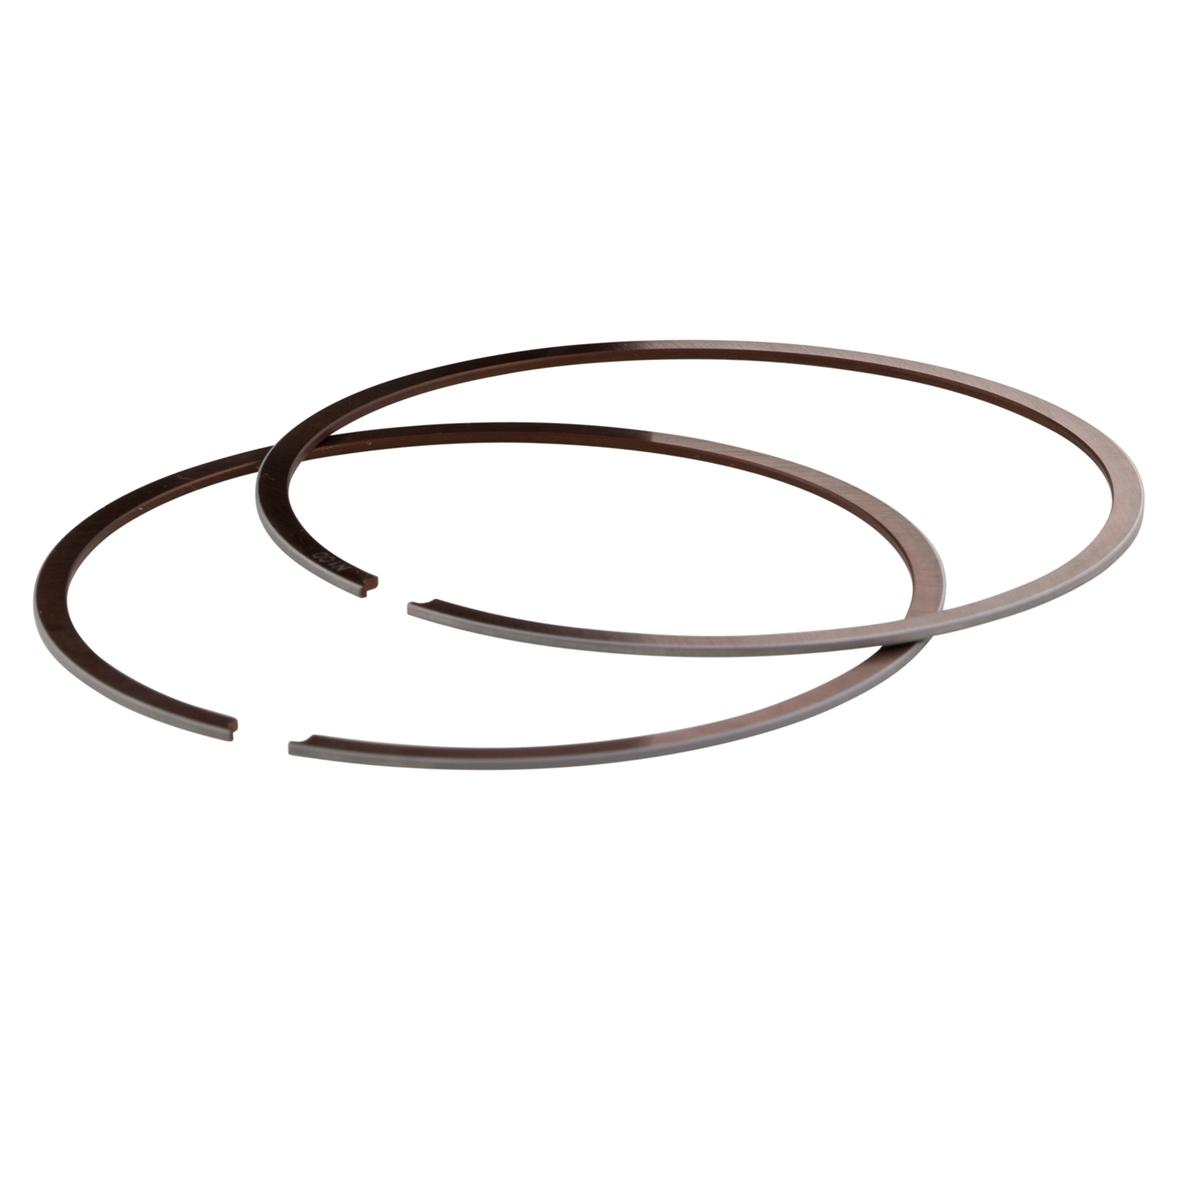 Product Image for 'Piston Rings QUATTRINI M-200 200 ccTitle'